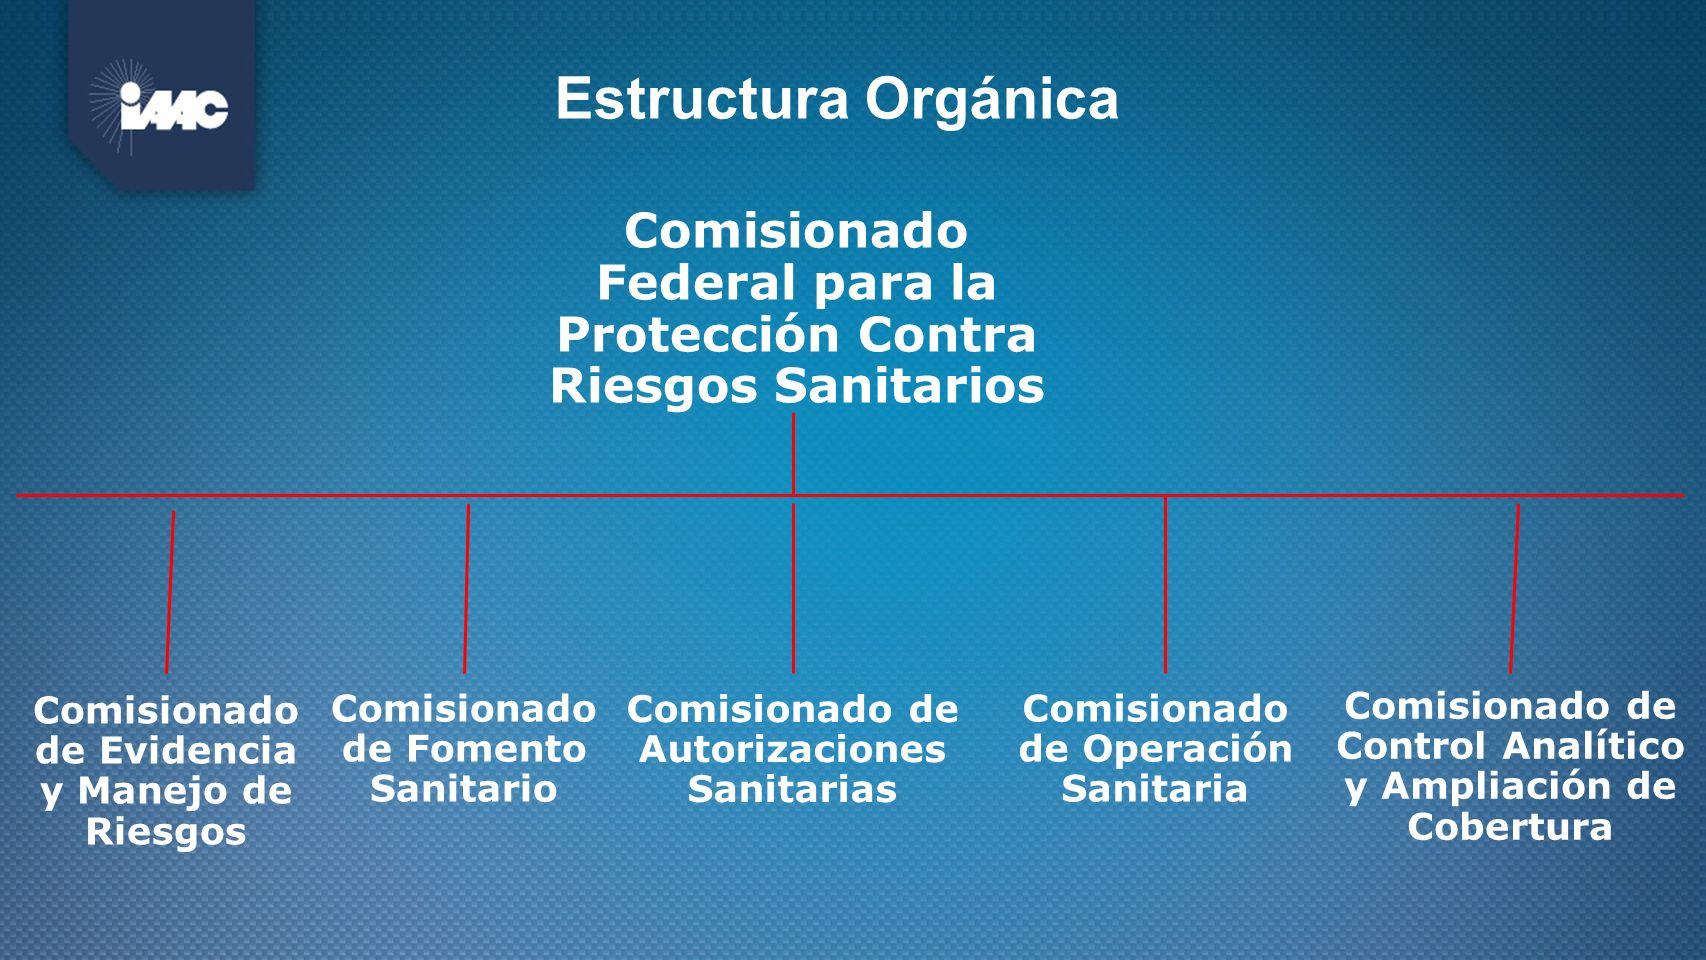 REQUISITOS PARA DAR DE ALTA UNA EMPRESA FABRICANTE Y COMERCIALIZADORA DE PRODUCTOS EN AEROSOL TALES COMO: ALIMENTOS, TOCADOR PERFUMERIA Y BELLEZA, PRODUCTOS DE ASEO Y LIMPIEZA.